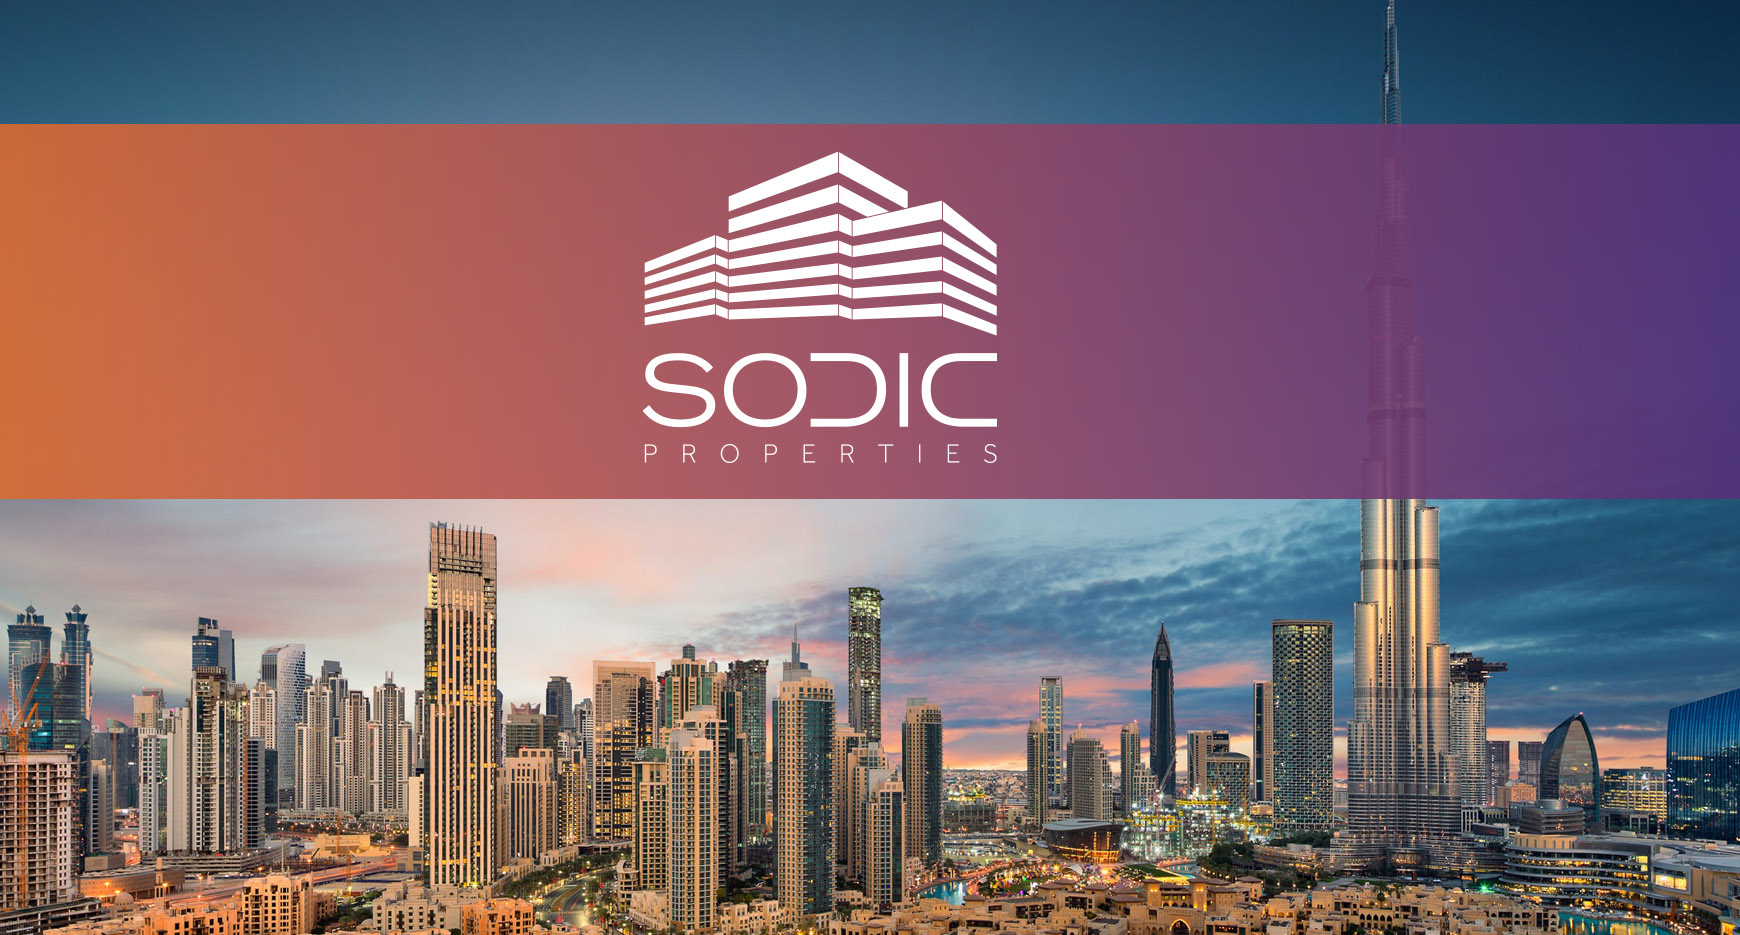 SODIC_01